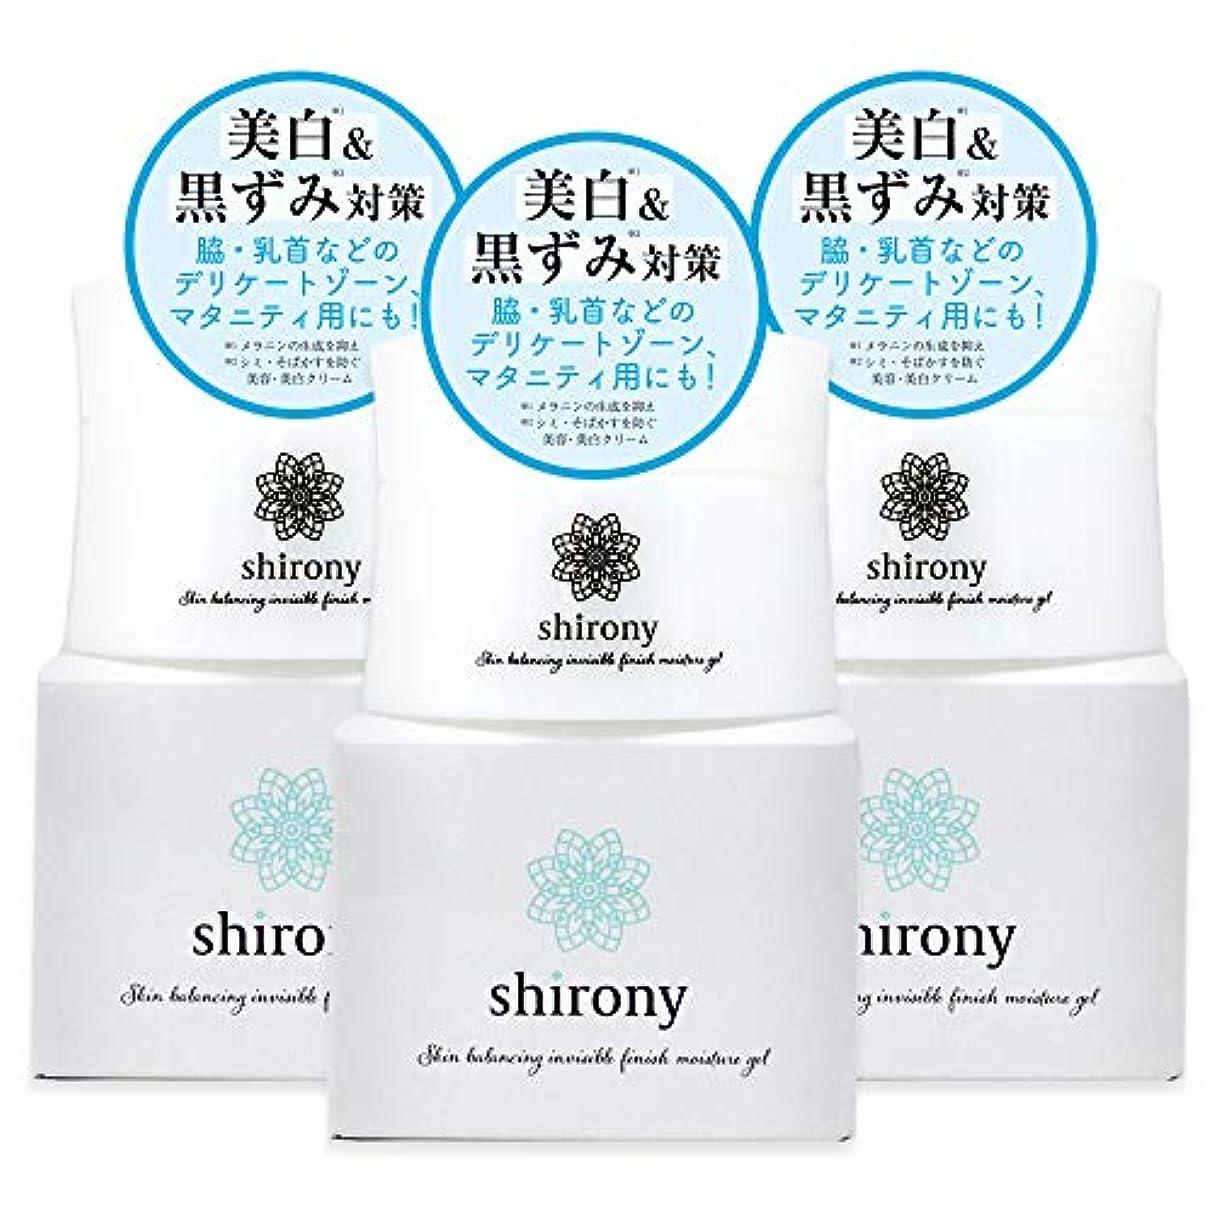 ギャンブルさておき灰shirony (シロニー) 保湿 美白 ホワイトアップ クリーム モイストクリーム 30g 【医薬部外品】 (3個)